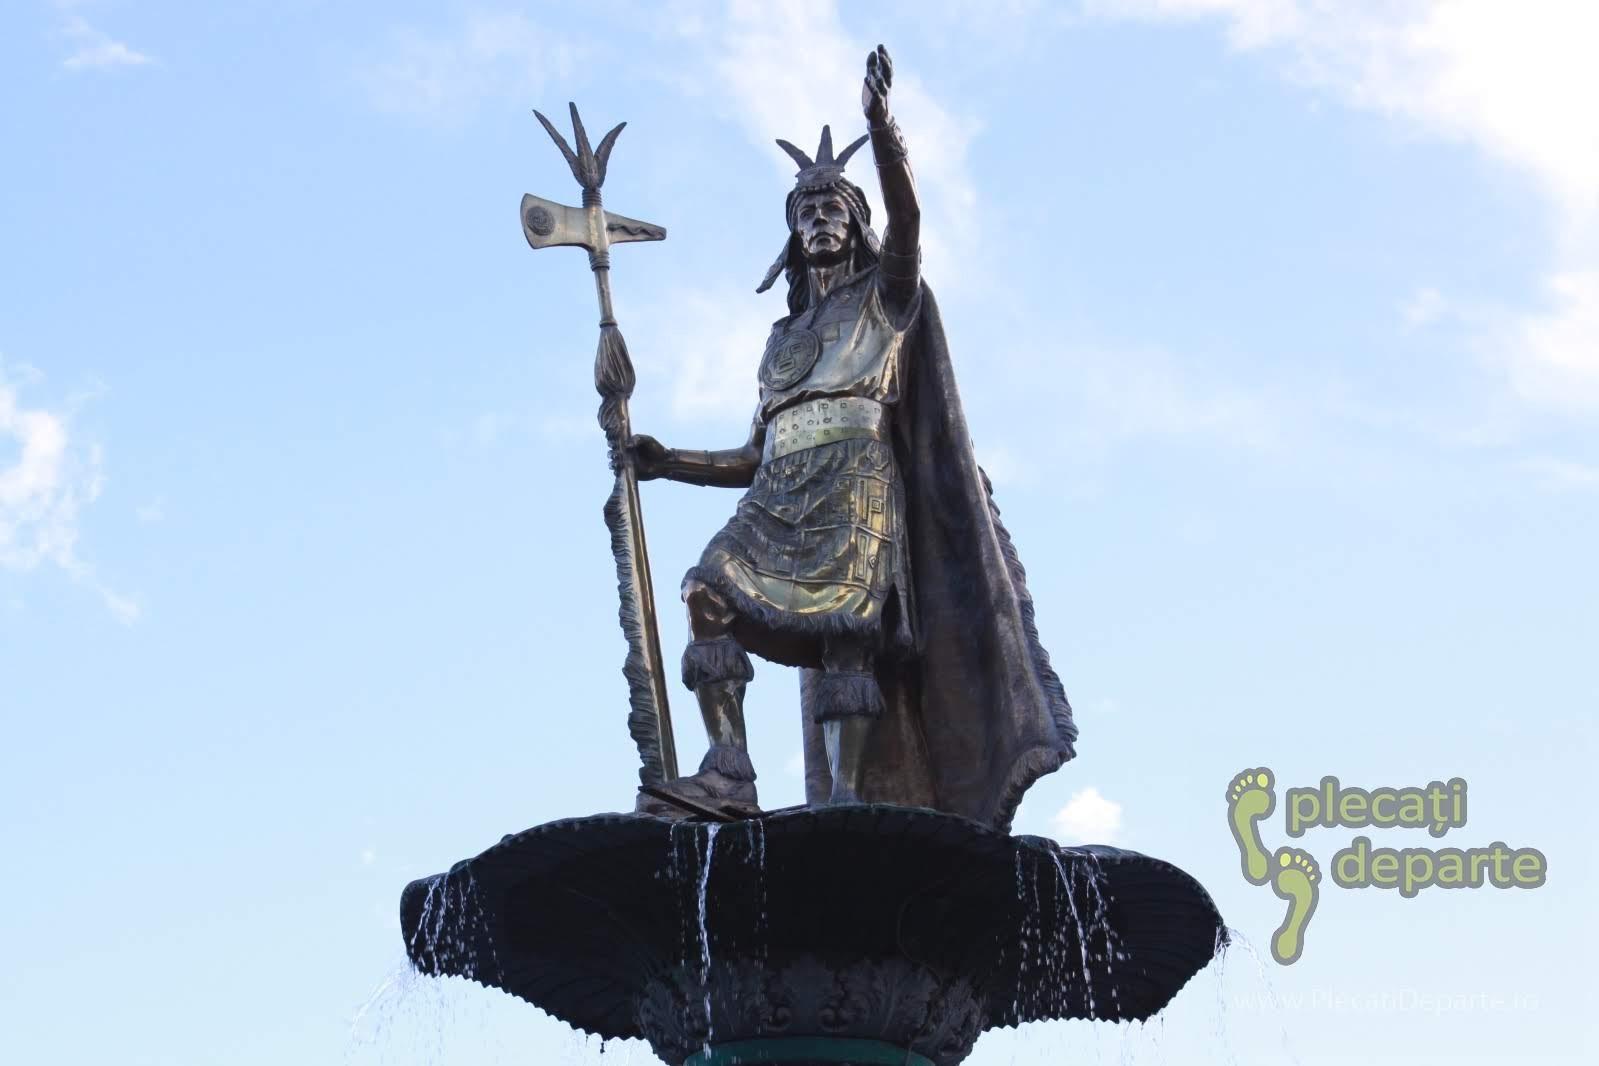 statuia regelui quechuan Pachakuti, cel care a devenit primul imparat al Imperiului Incas, in Plaza de Armas, Cusco, Peru